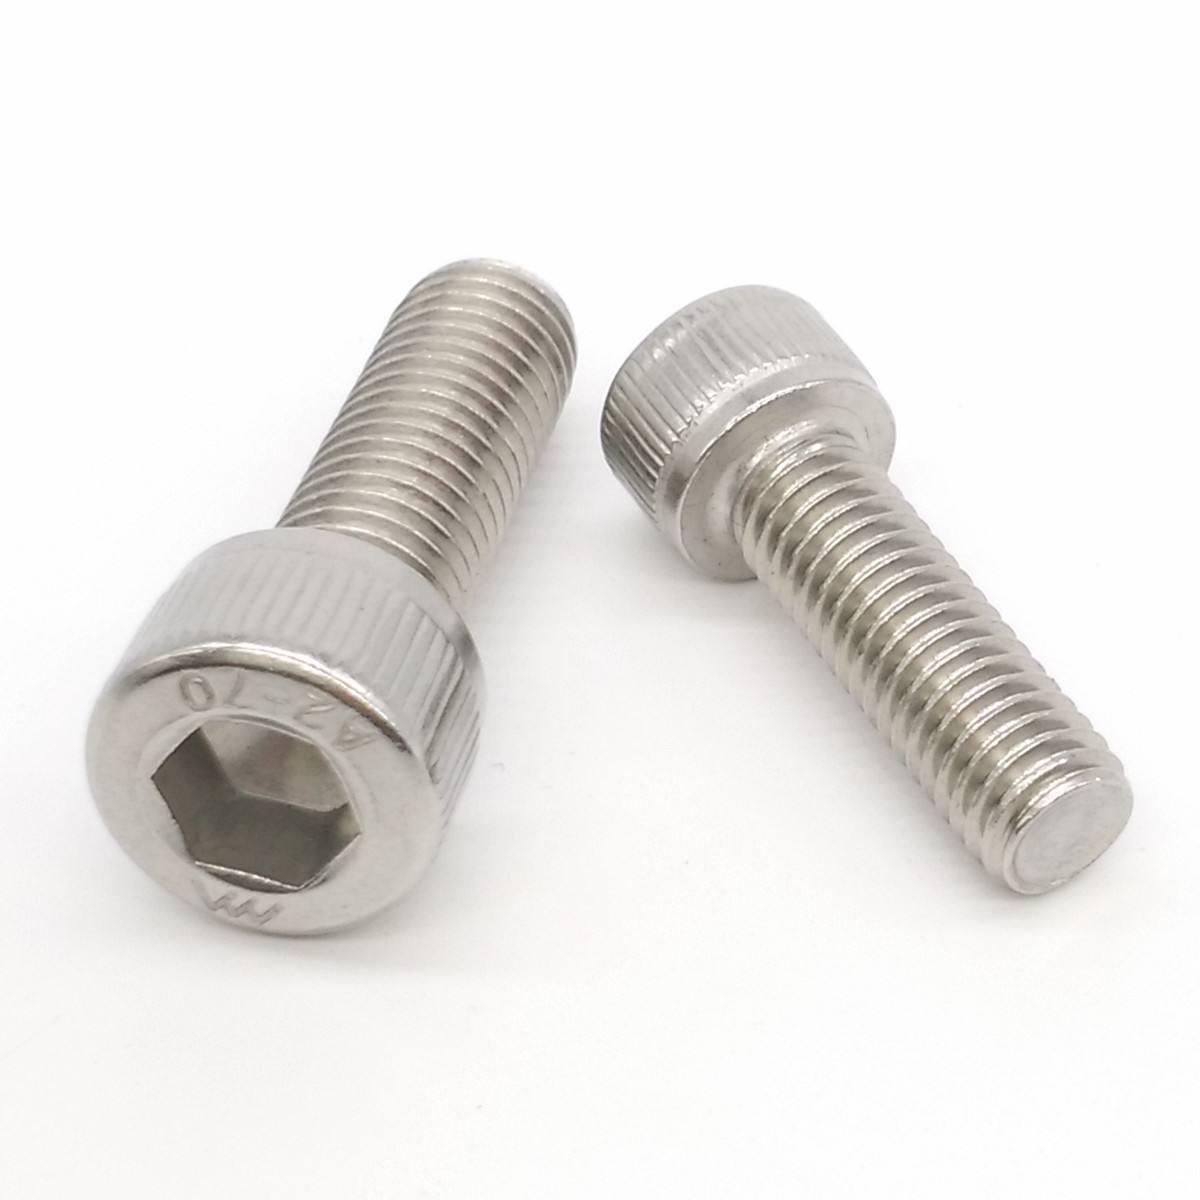 304不銹鋼內六角 內六角螺栓 無錫不銹鋼